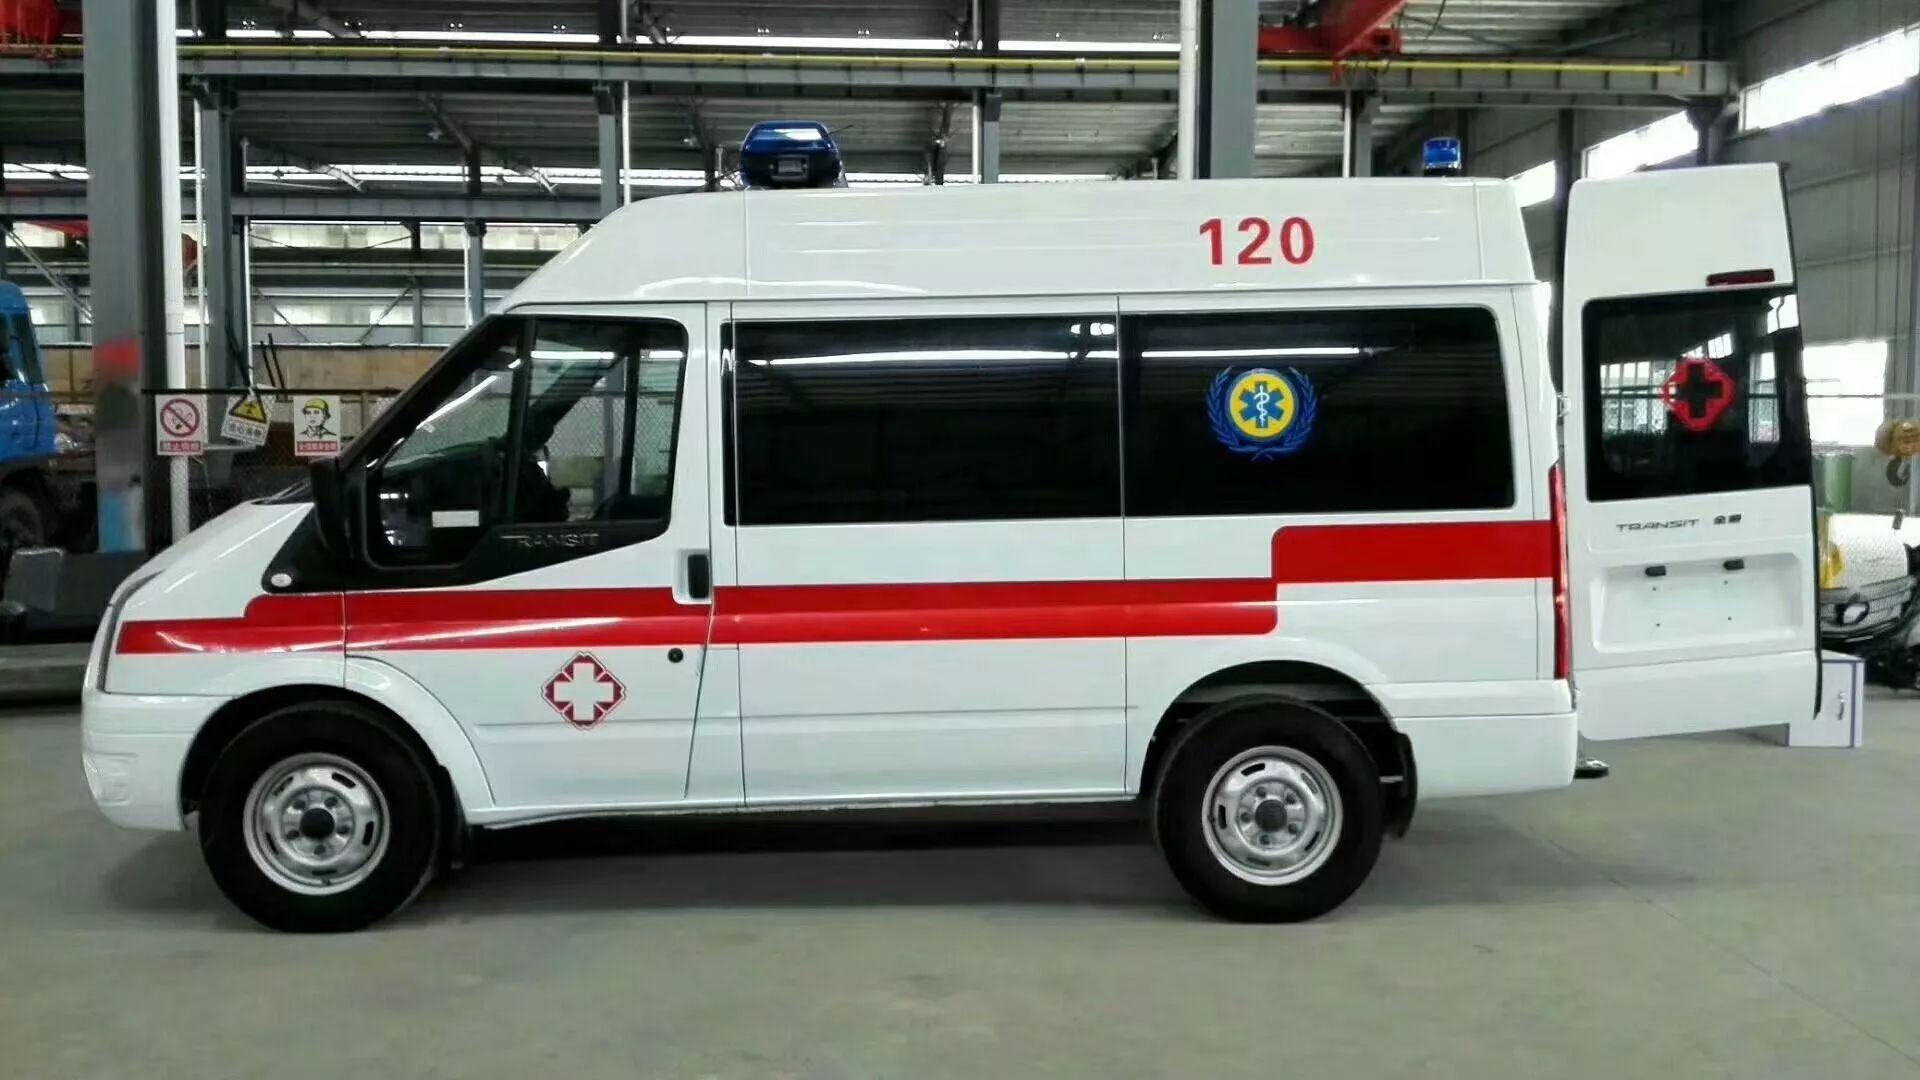 v362福特救护车图片